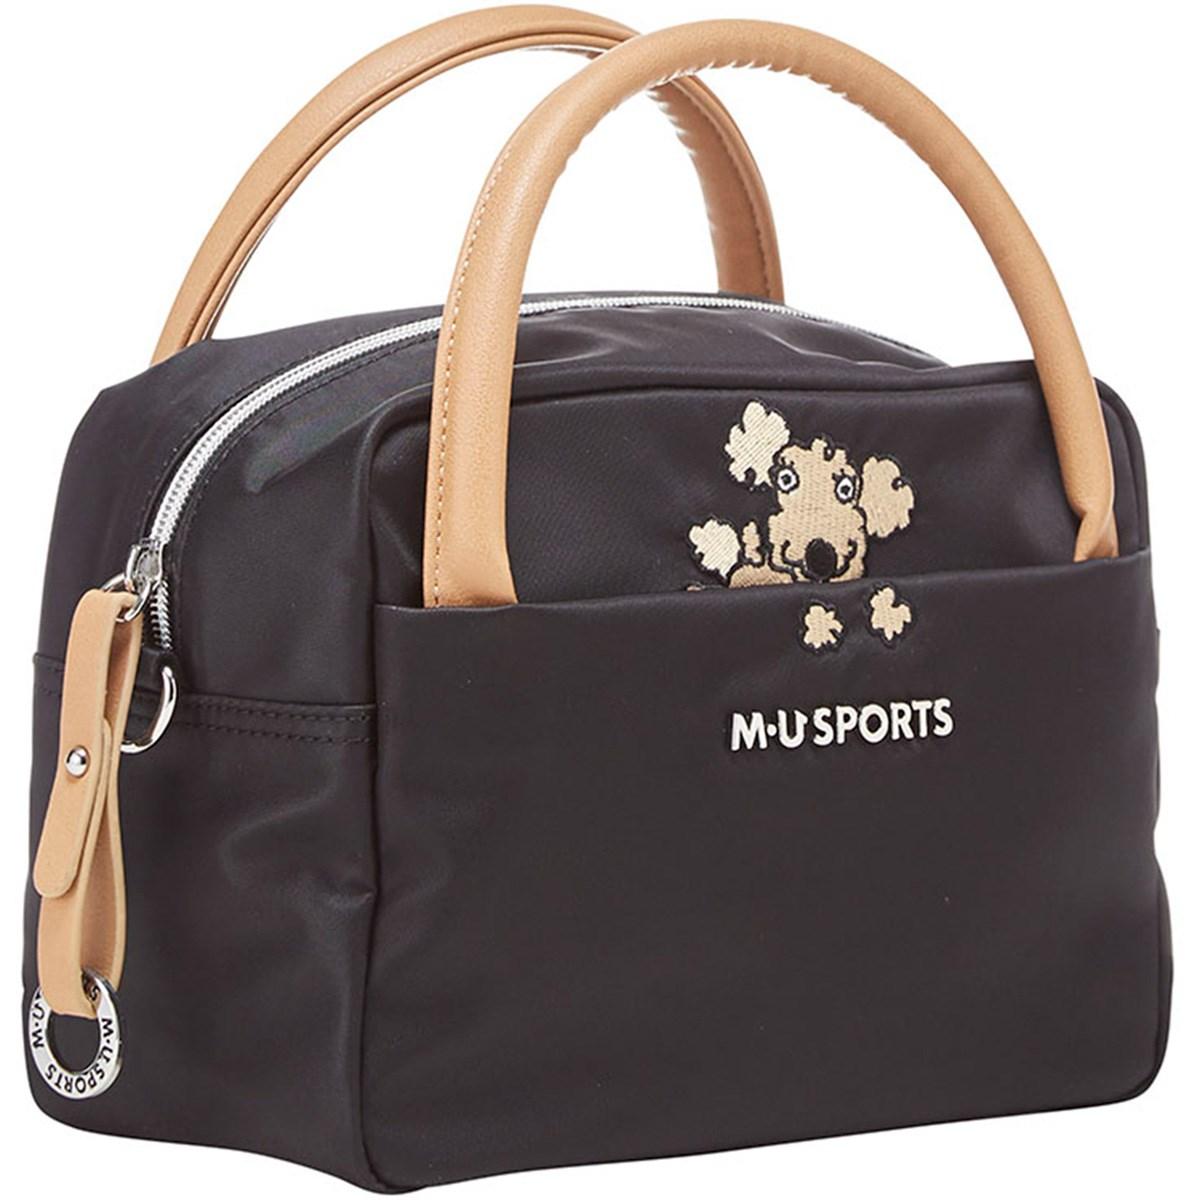 MUスポーツ ミニラウンドバッグ